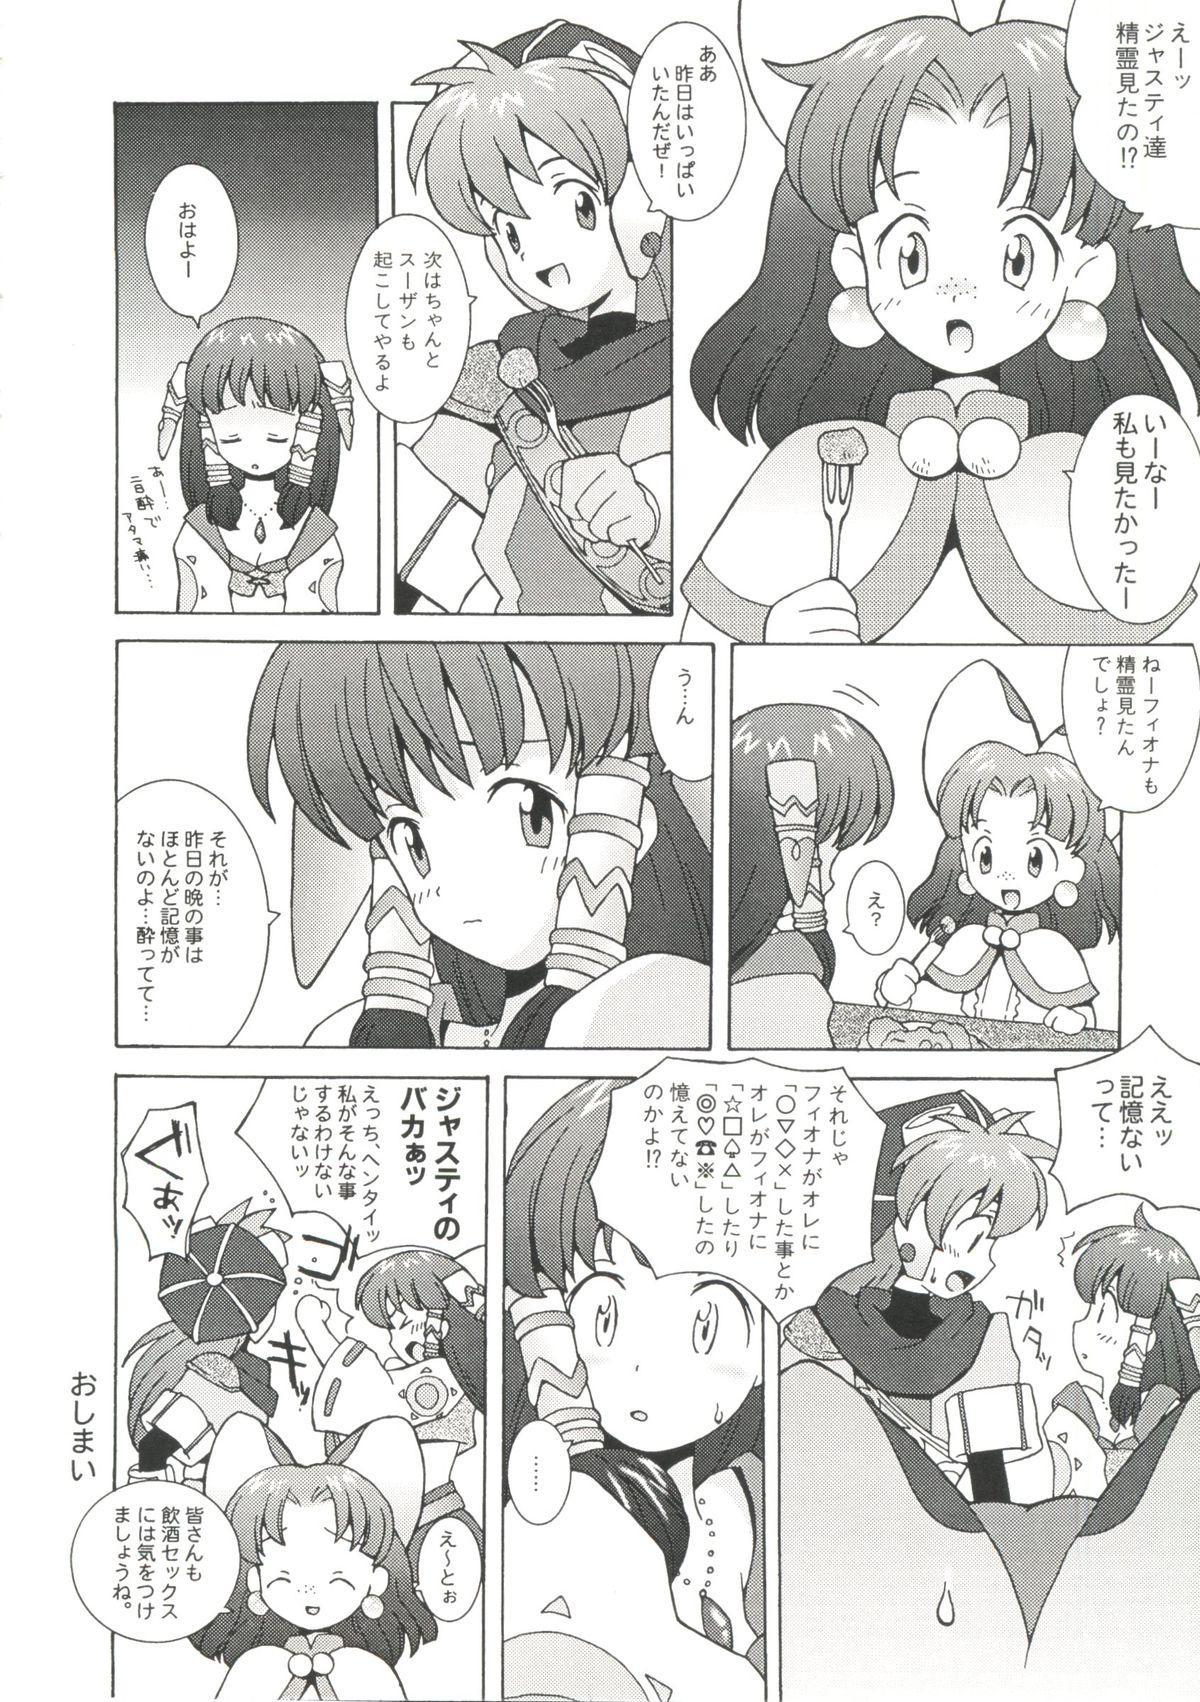 Denei Tamatebako 6 - Nishinhou no Tenshi II 79